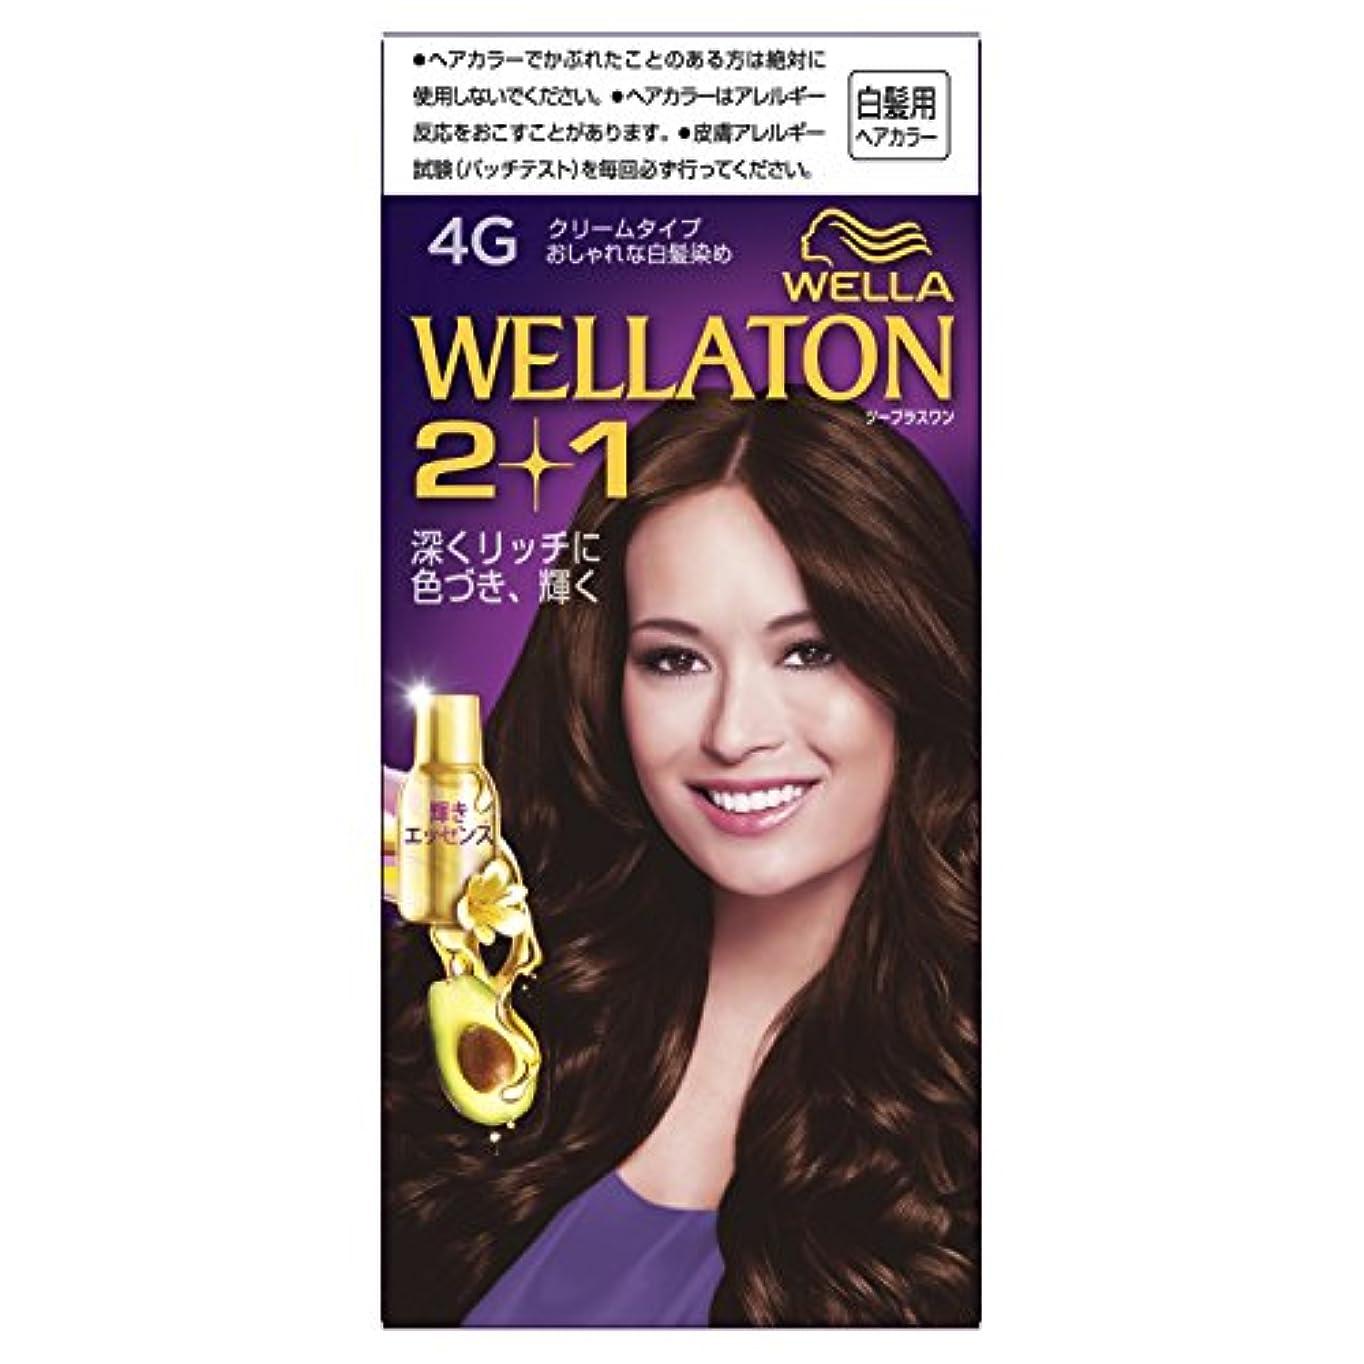 砲撃ゲージ寝室を掃除するウエラトーン2+1 クリームタイプ 4G[医薬部外品](おしゃれな白髪染め)